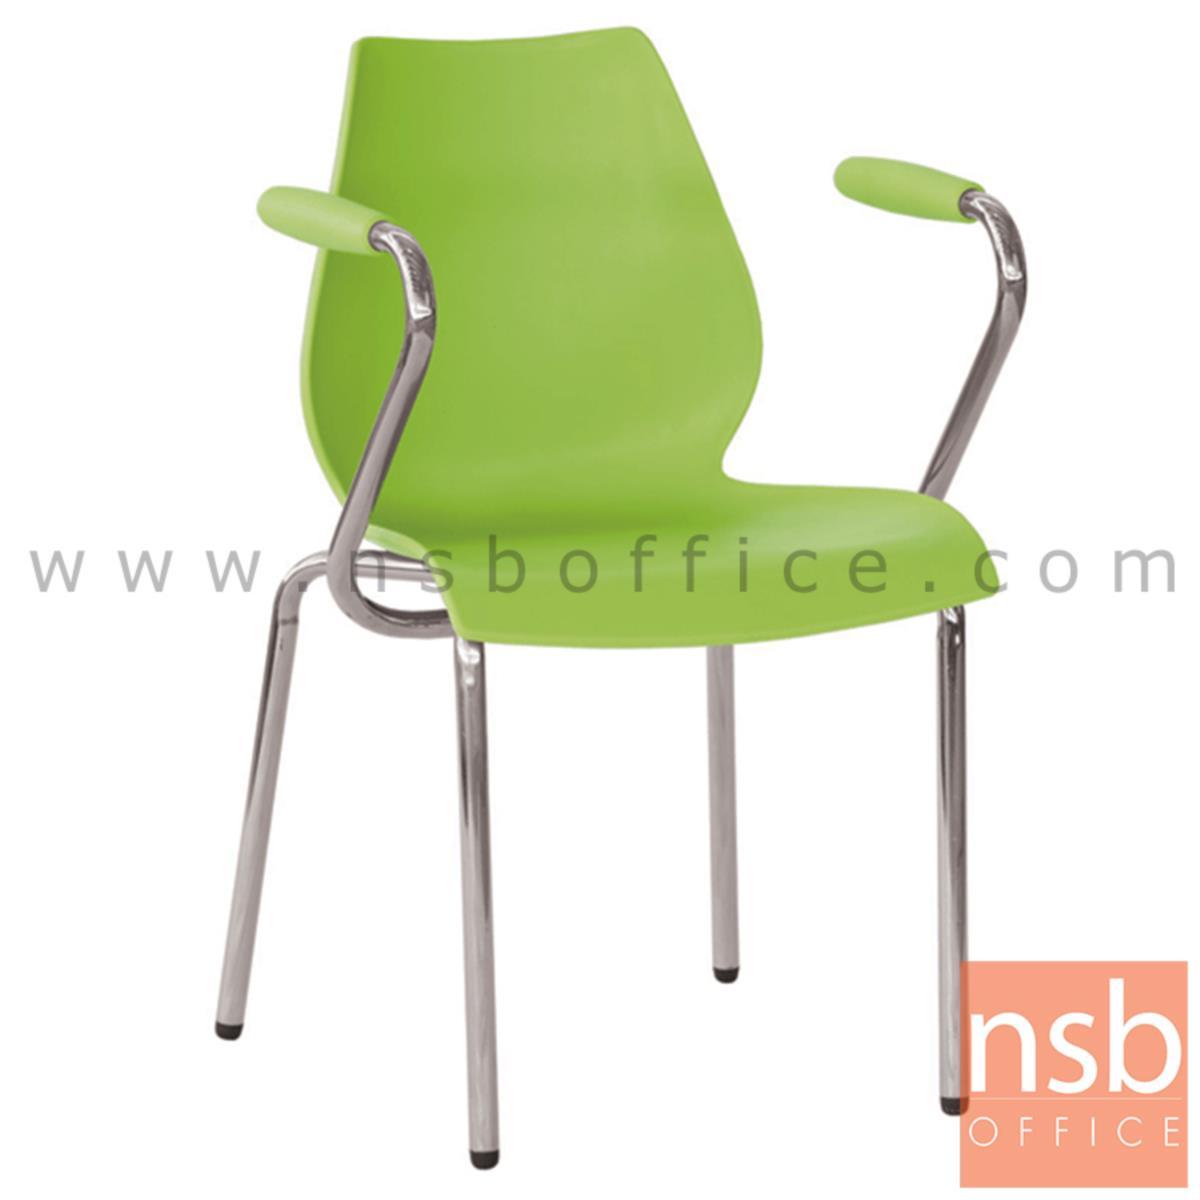 B05A055:เก้าอี้อเนกประสงค์เฟรมโพลี่ รุ่น B108  ขาเหล็กชุบโครเมี่ยม